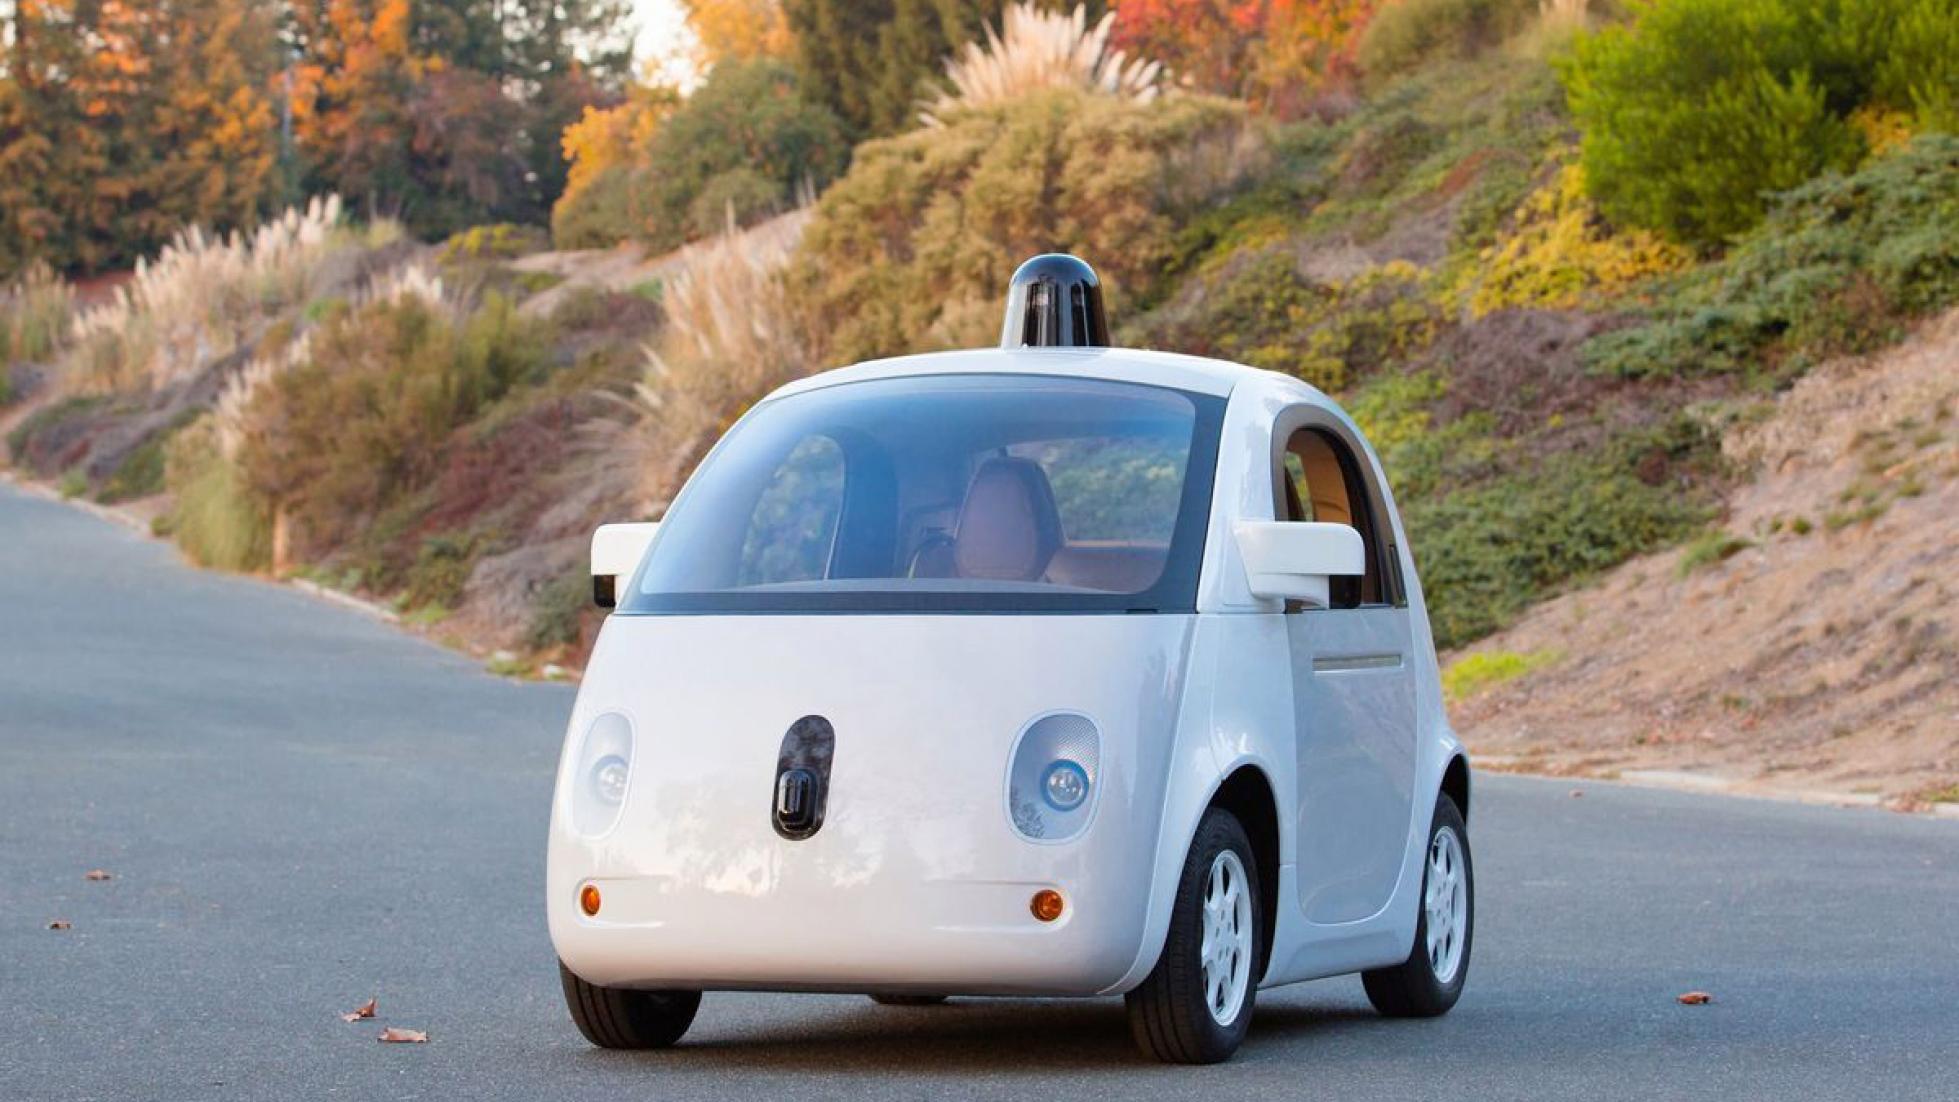 Những mẫu ô tô có ngoại hình ngộ nghĩnh từng được sản xuất